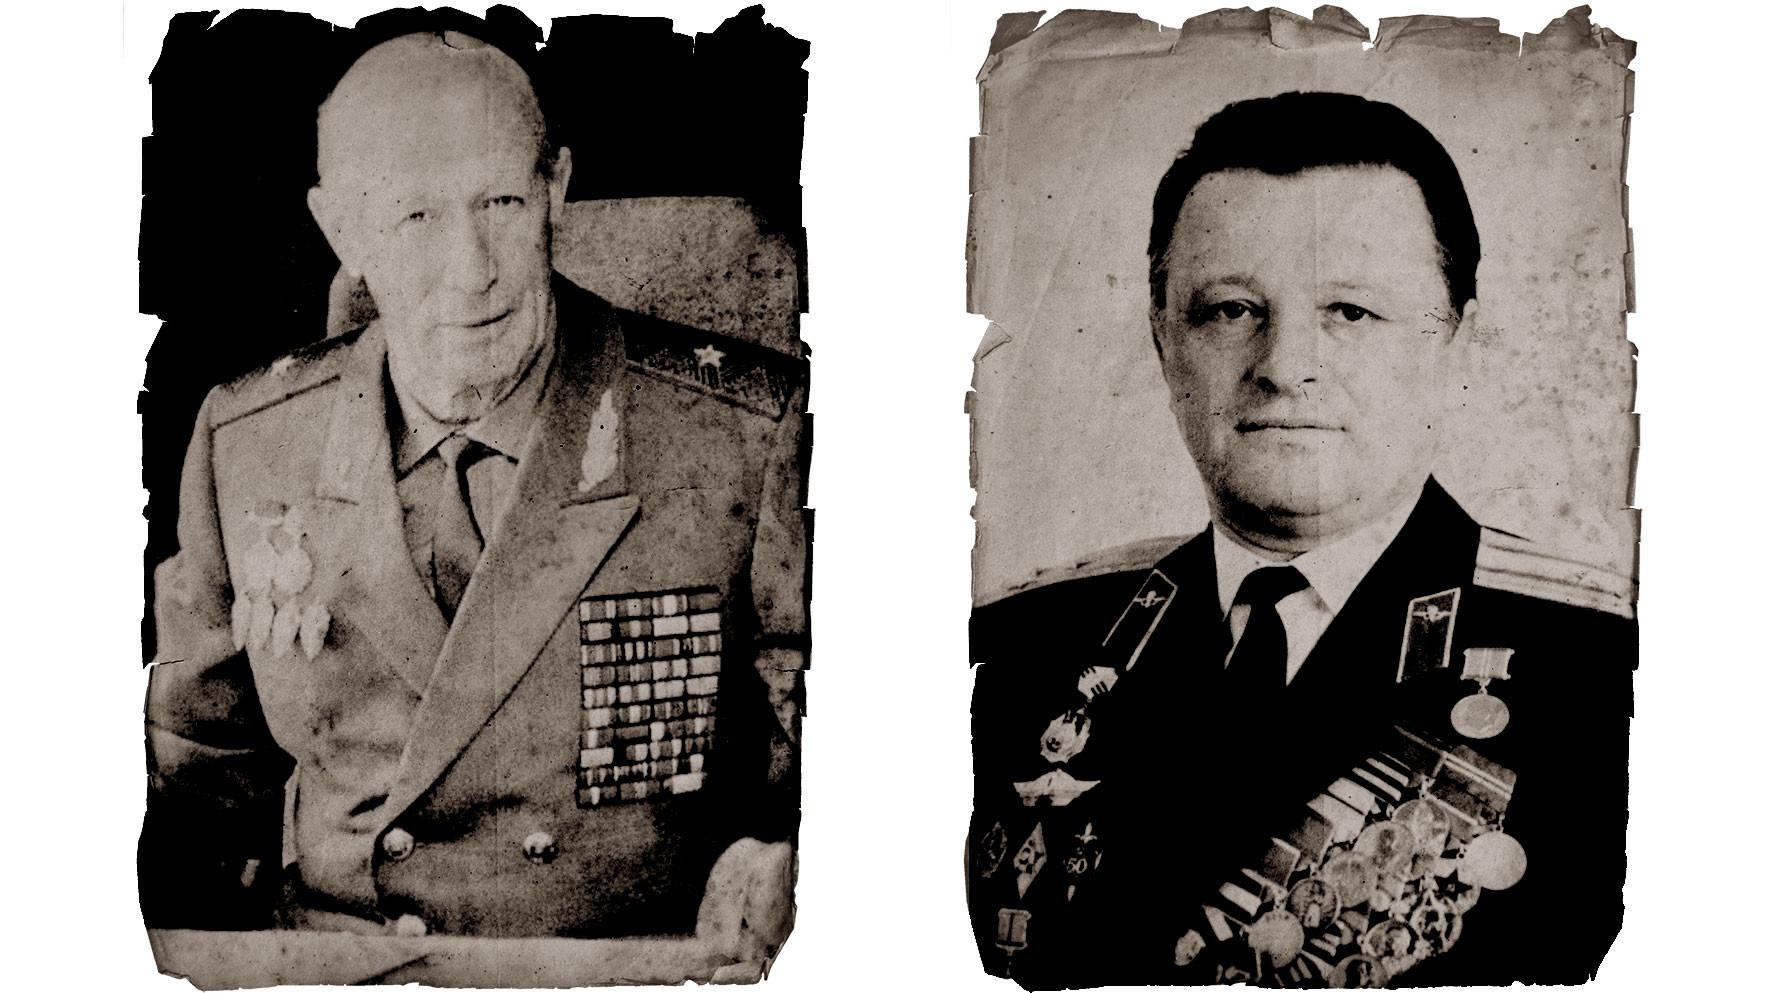 Слева направо: генерал-майор СССР Юрий Дроздов и полковник КГБ, Герой Советского Союза Григорий Бояринов. Фото: © Wikipedia.org Creative Commons